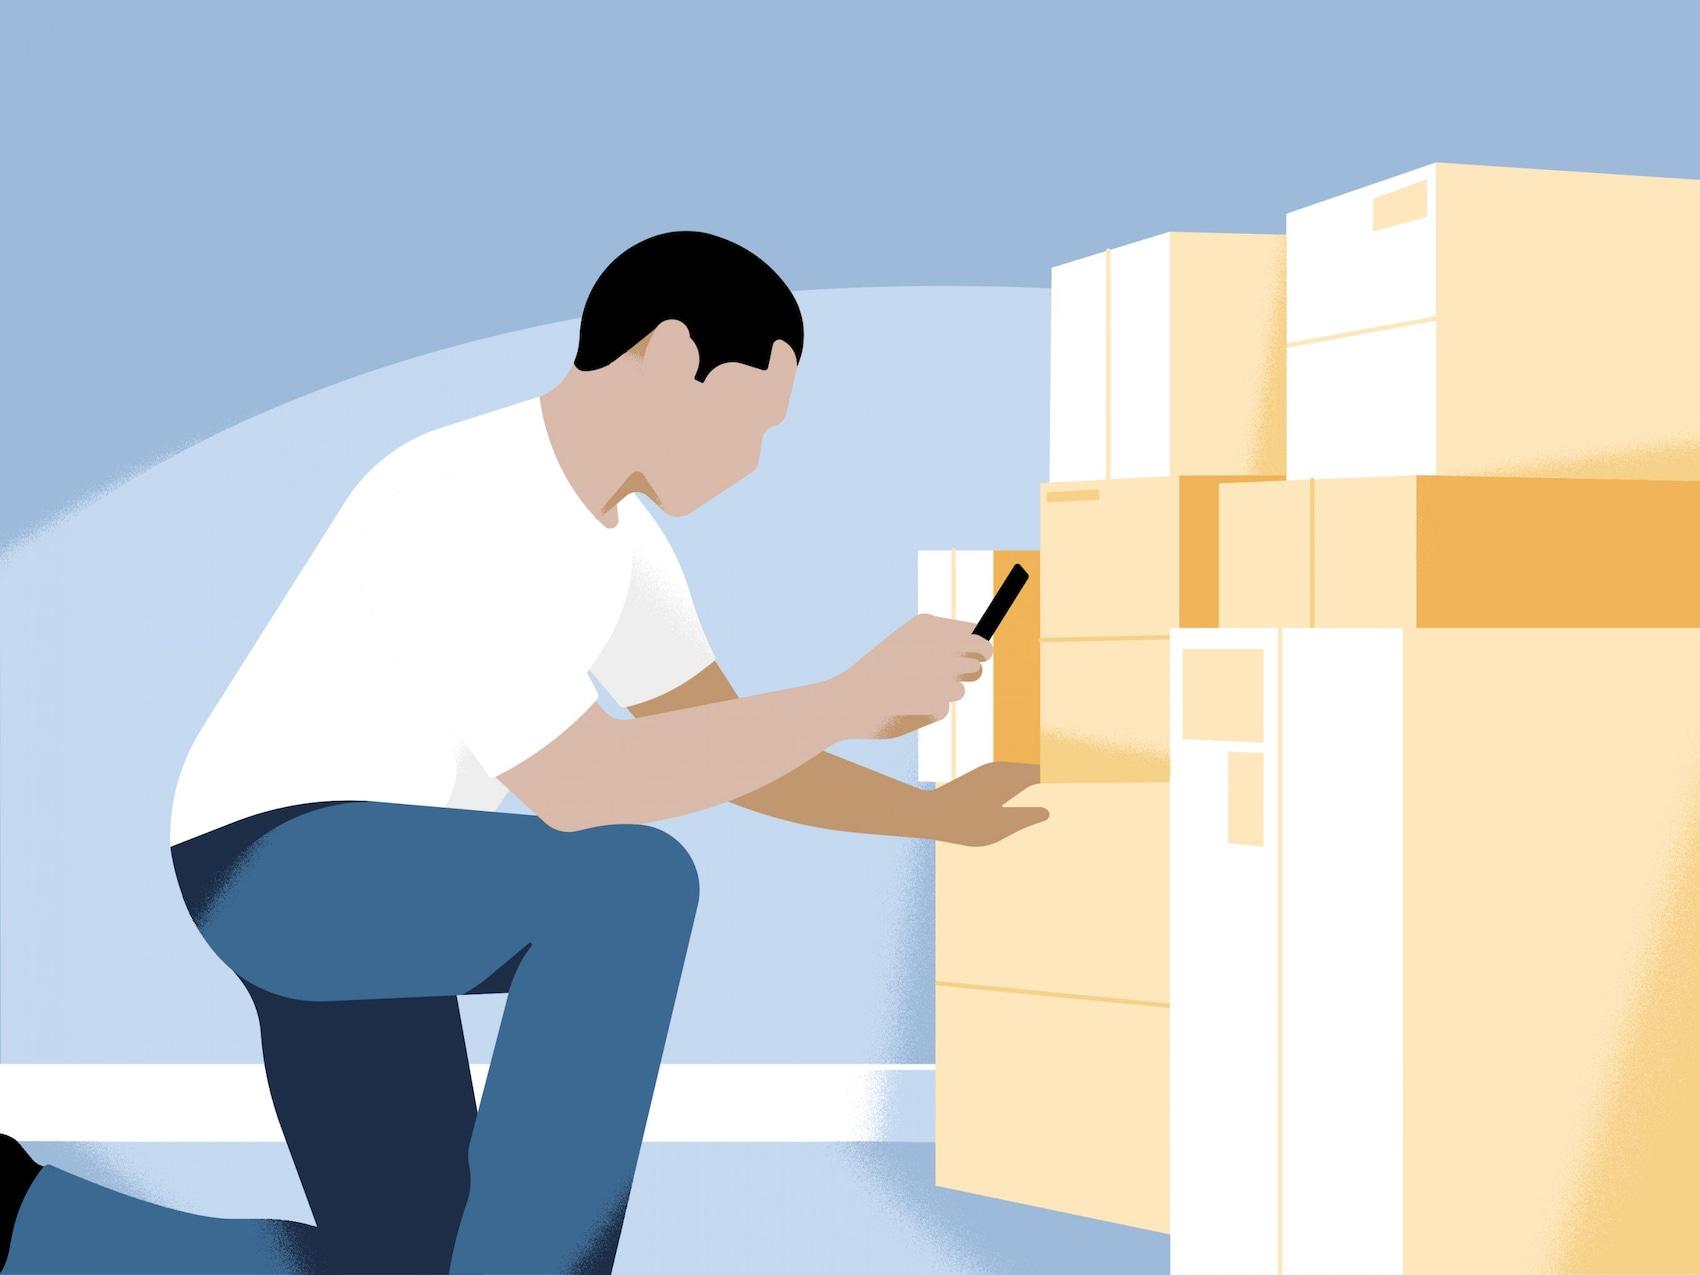 Mann scannt Barcodes auf Paketen